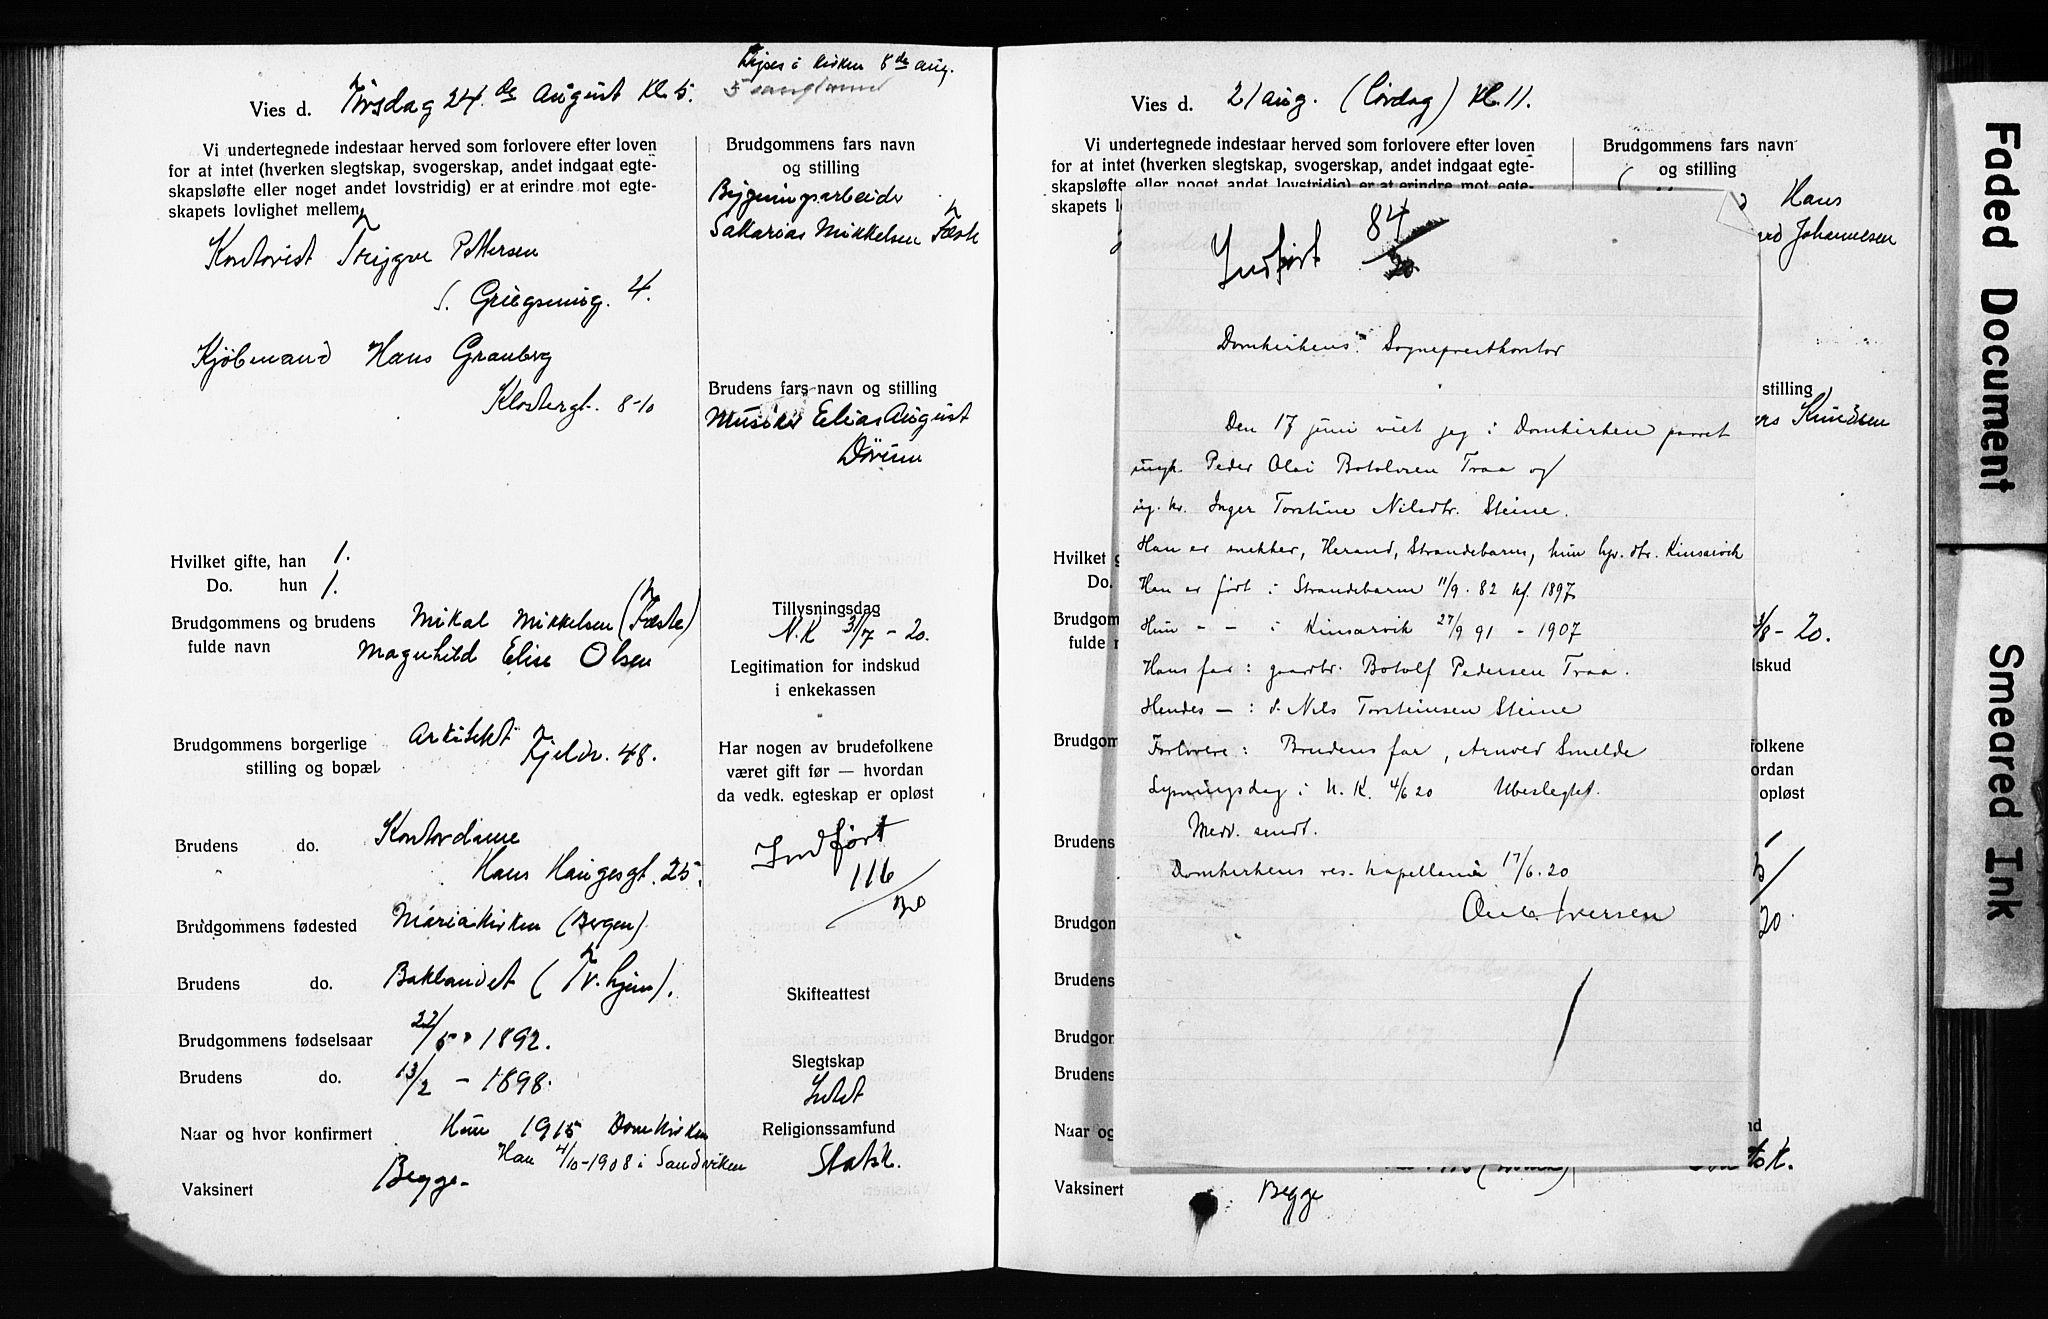 SAB, Domkirken Sokneprestembete, Forlovererklæringer nr. II.5.13, 1917-1922, s. 267